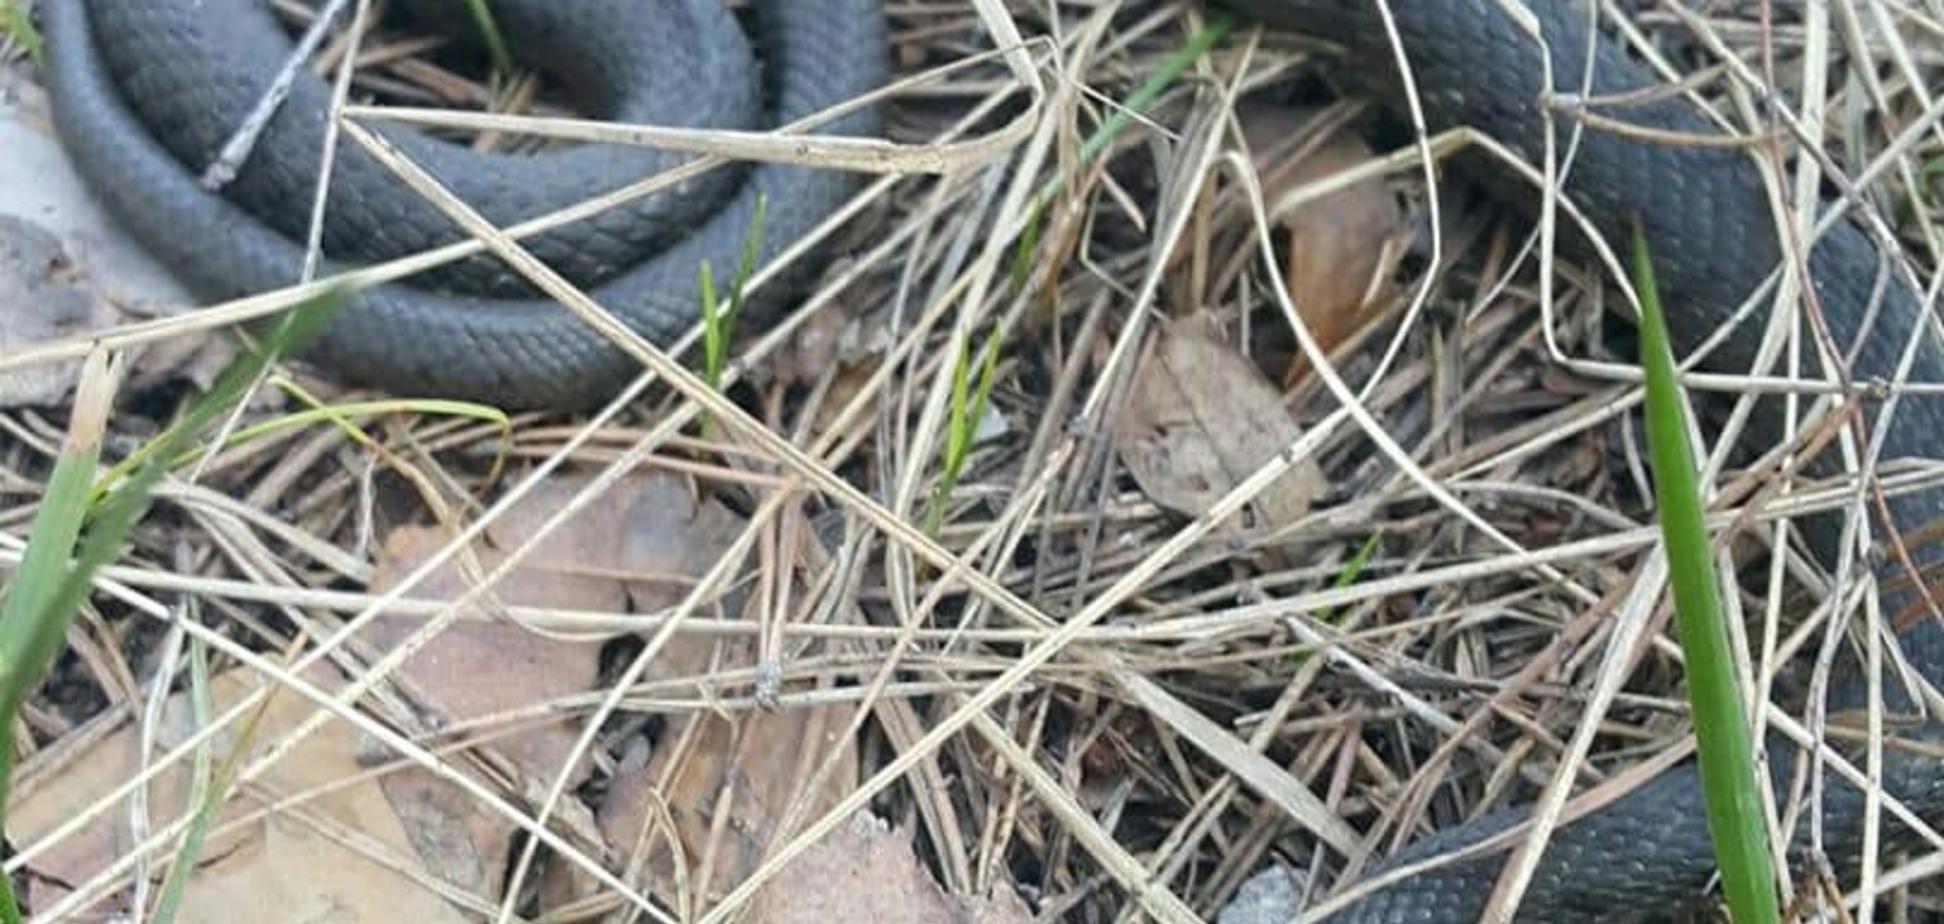 У Києві помітили отруйних змій: як уберегтися від нападу